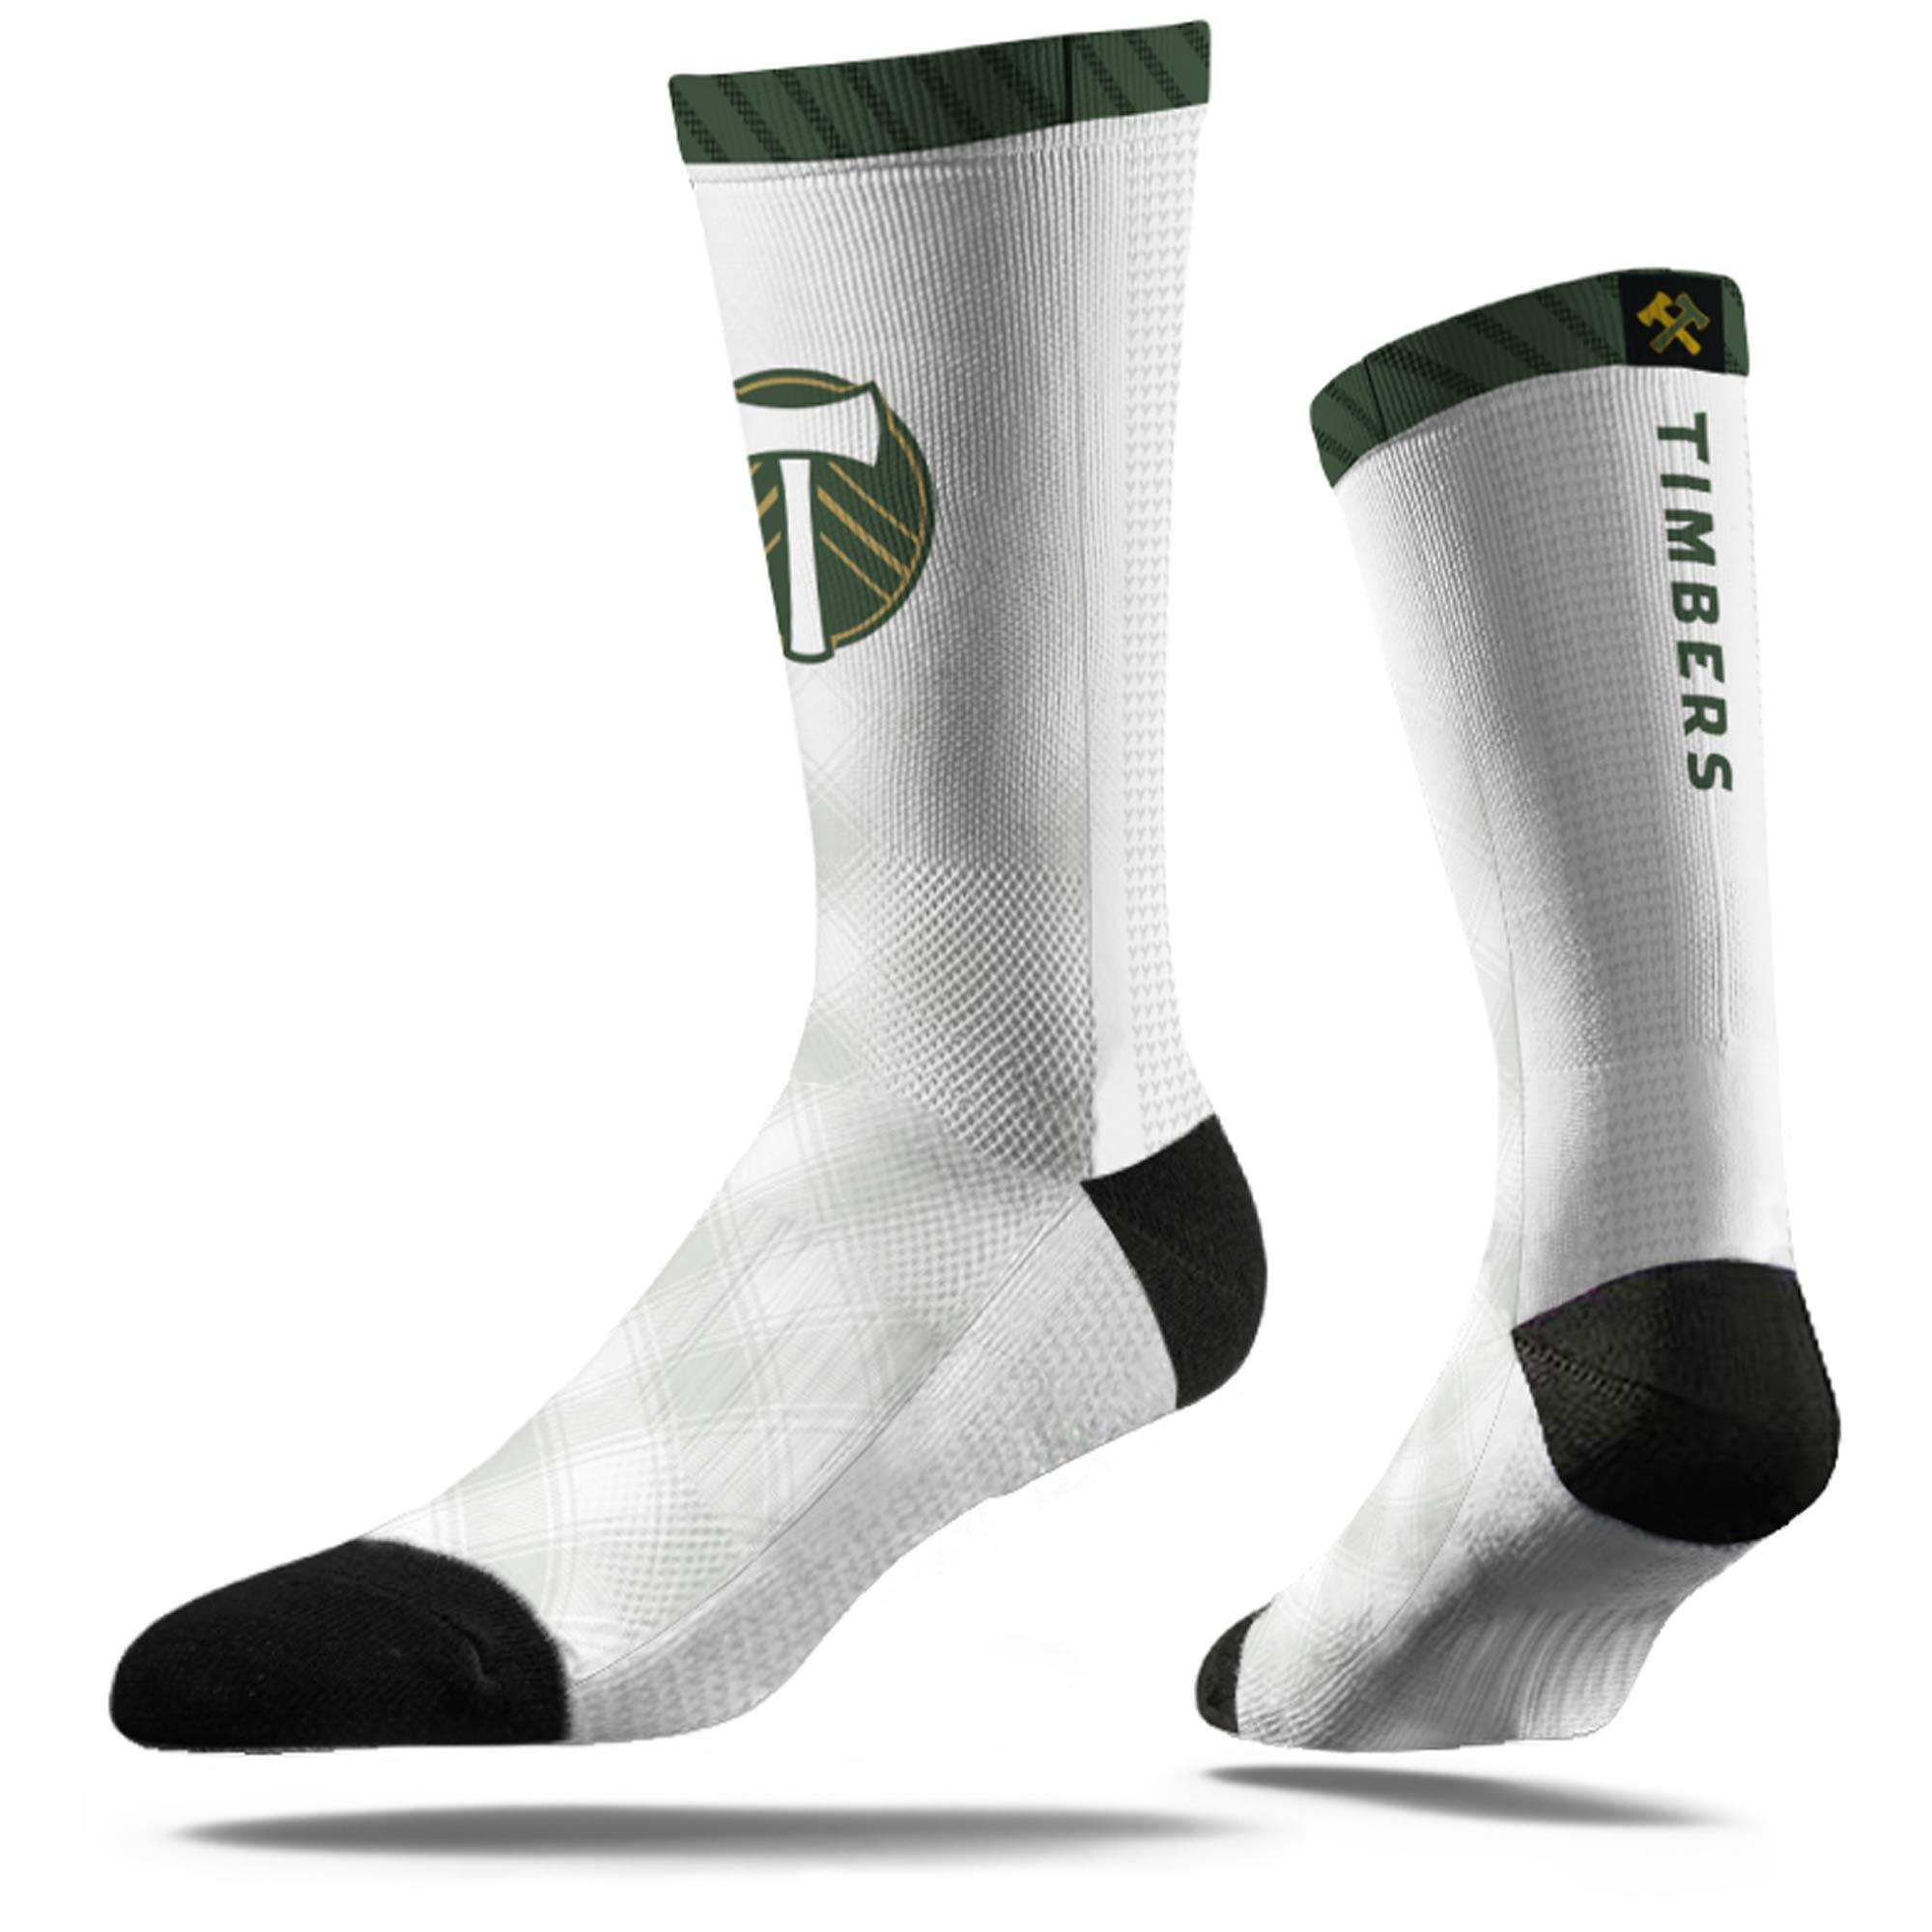 Portland Timbers Dress Socks - White - M/L